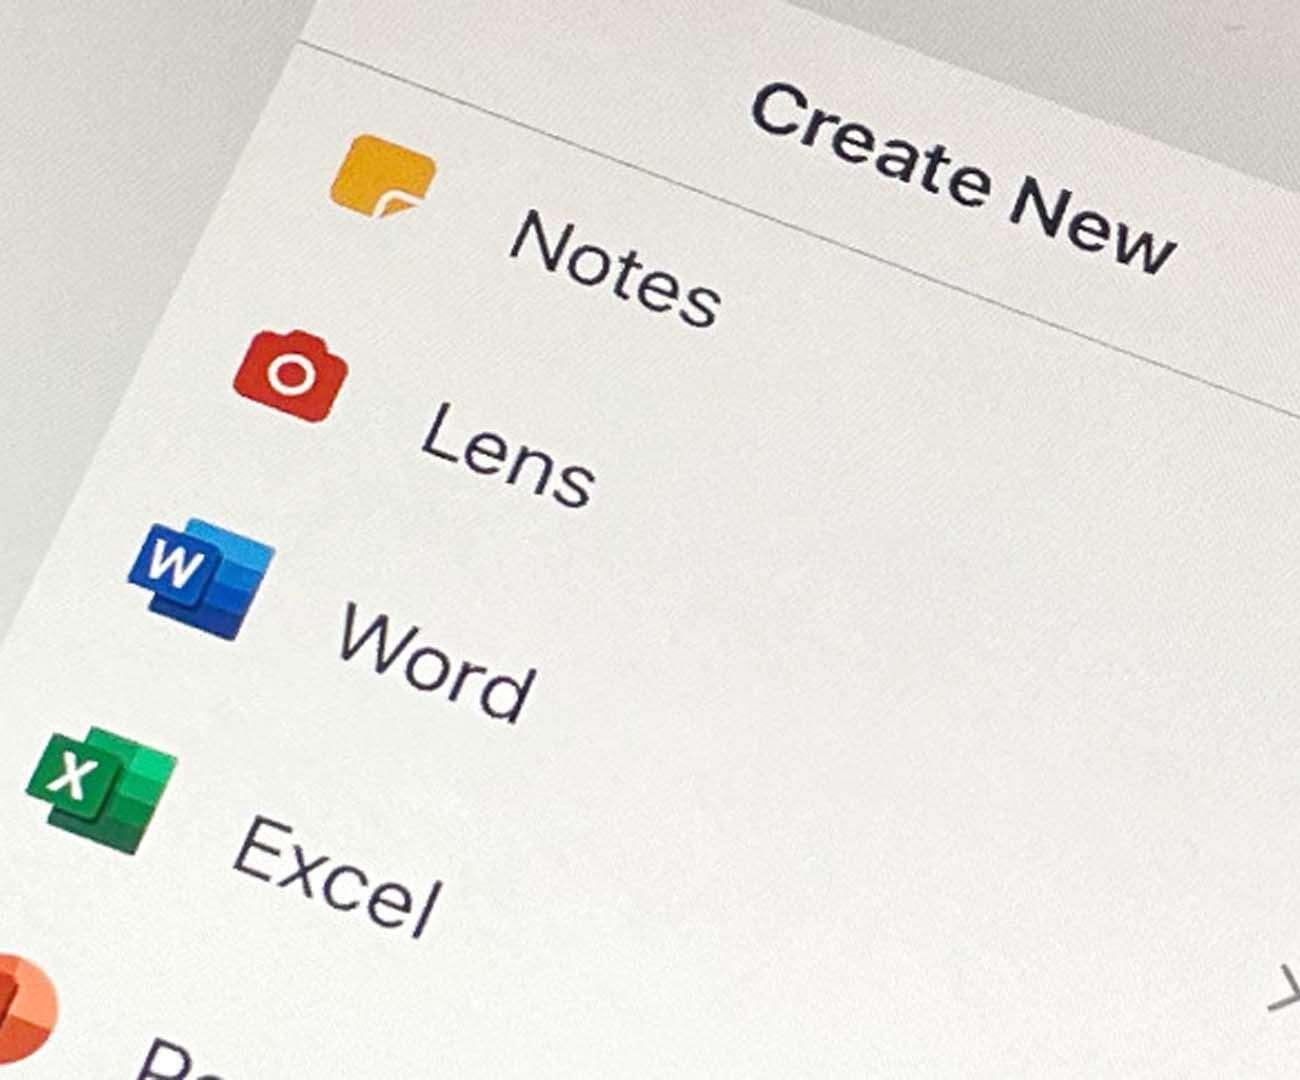 Office na iPad w jednej aplikacji